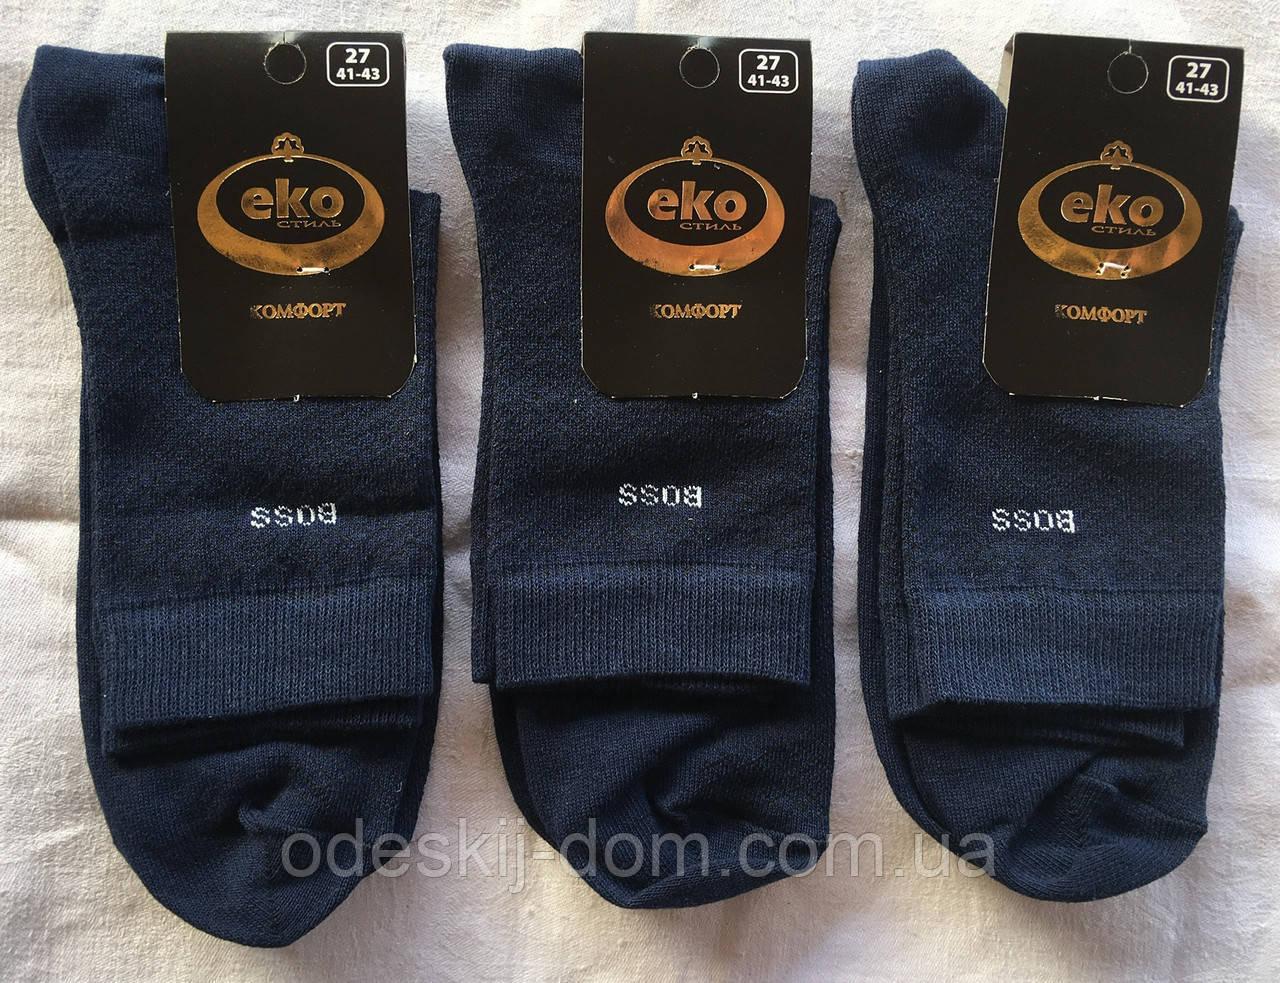 Чоловічі шкарпетки в сітку стрейч тм Еко